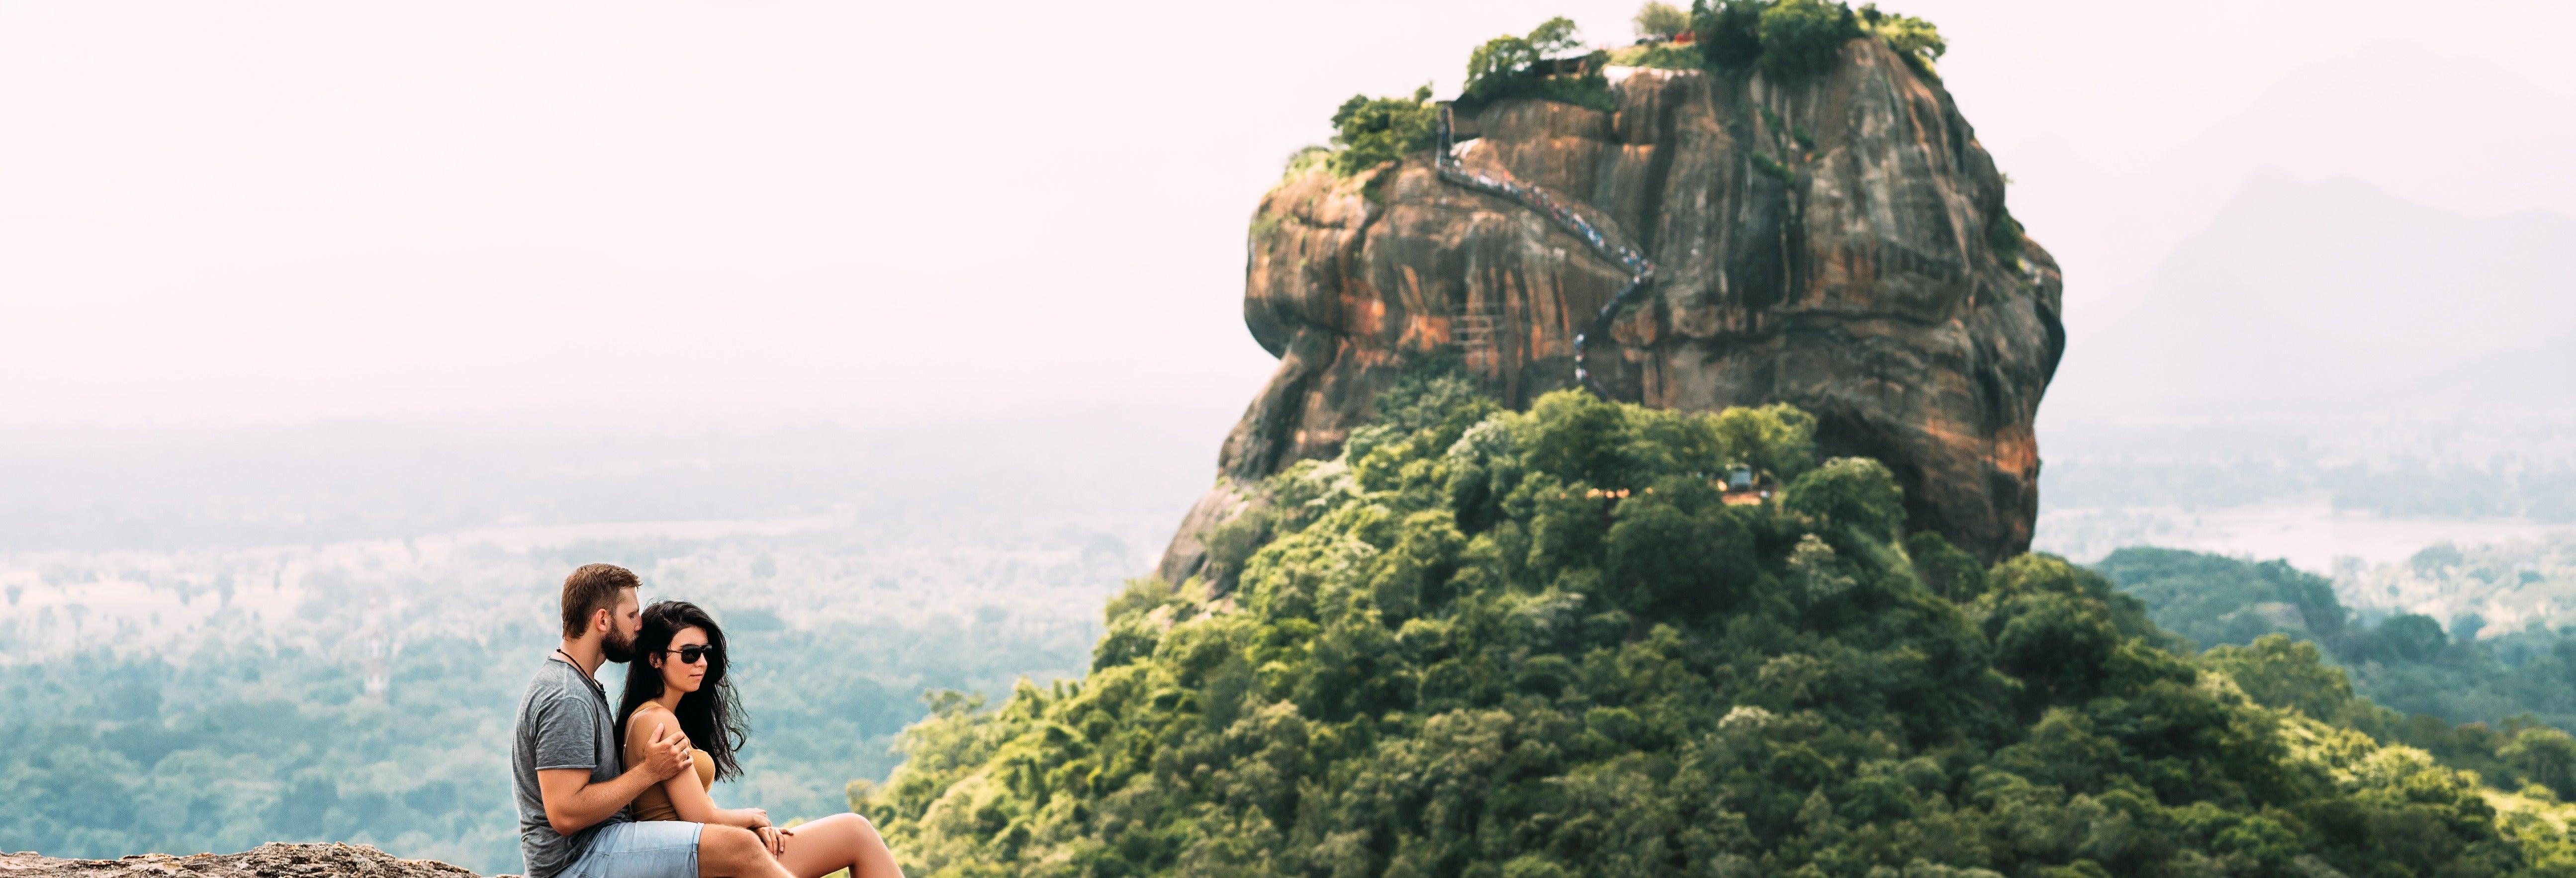 Tour de 8 días por lo mejor de Sri Lanka